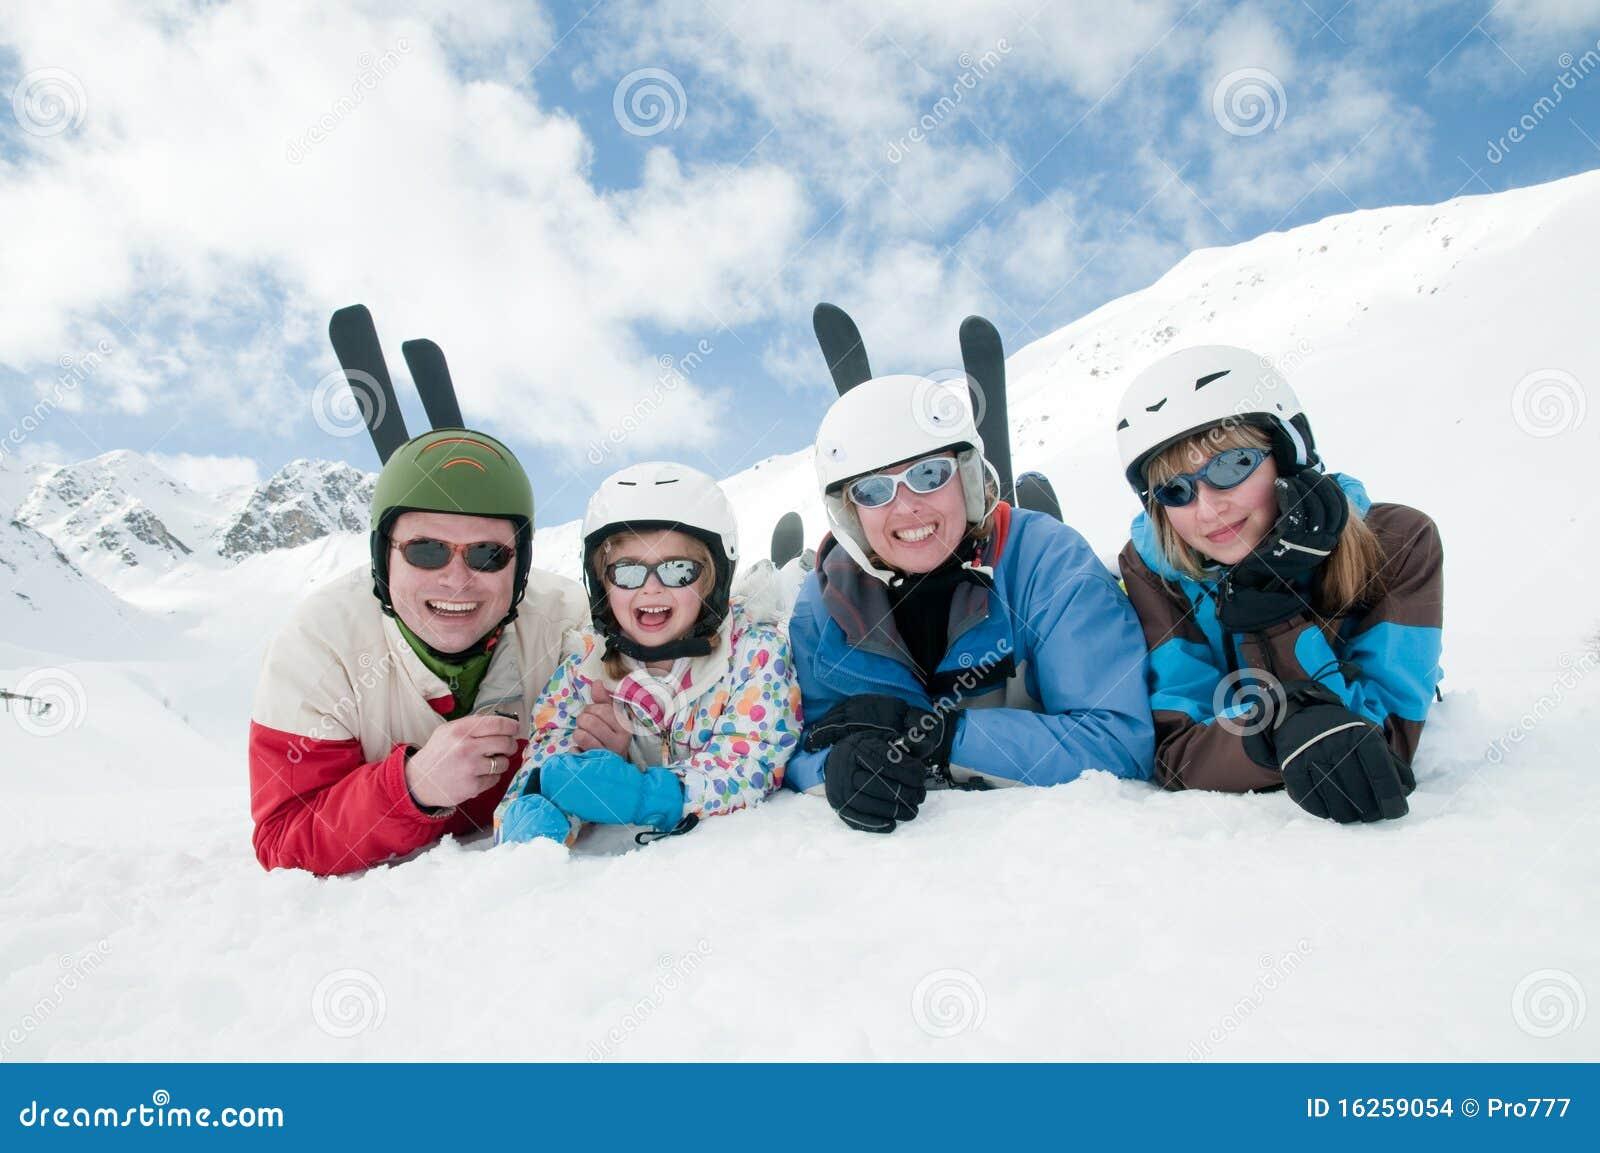 Familie, Ski, Schnee, Sonne und Spaß